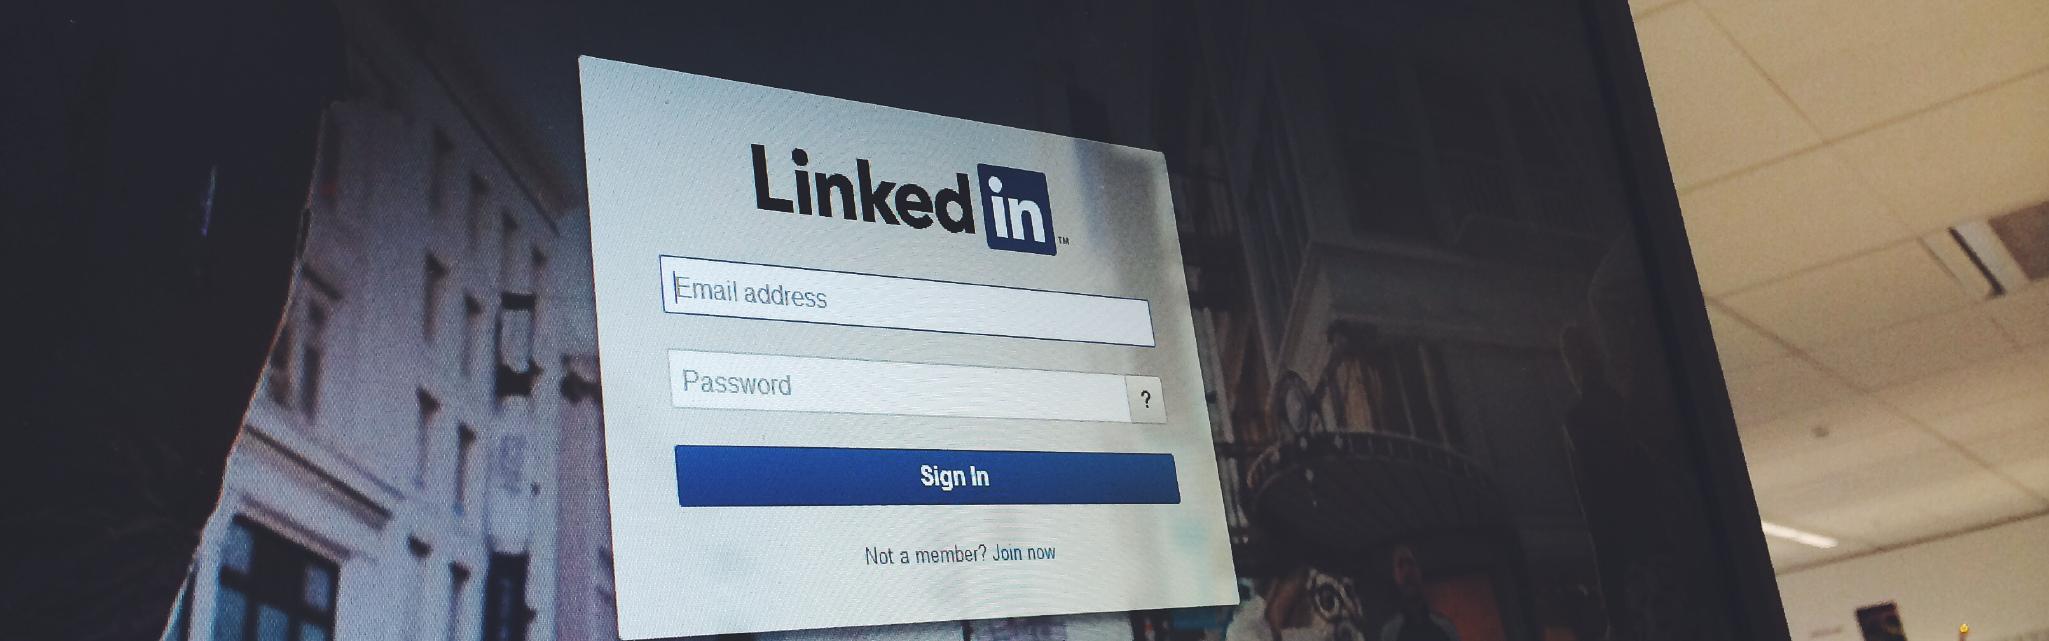 Stalking better on LinkedIn